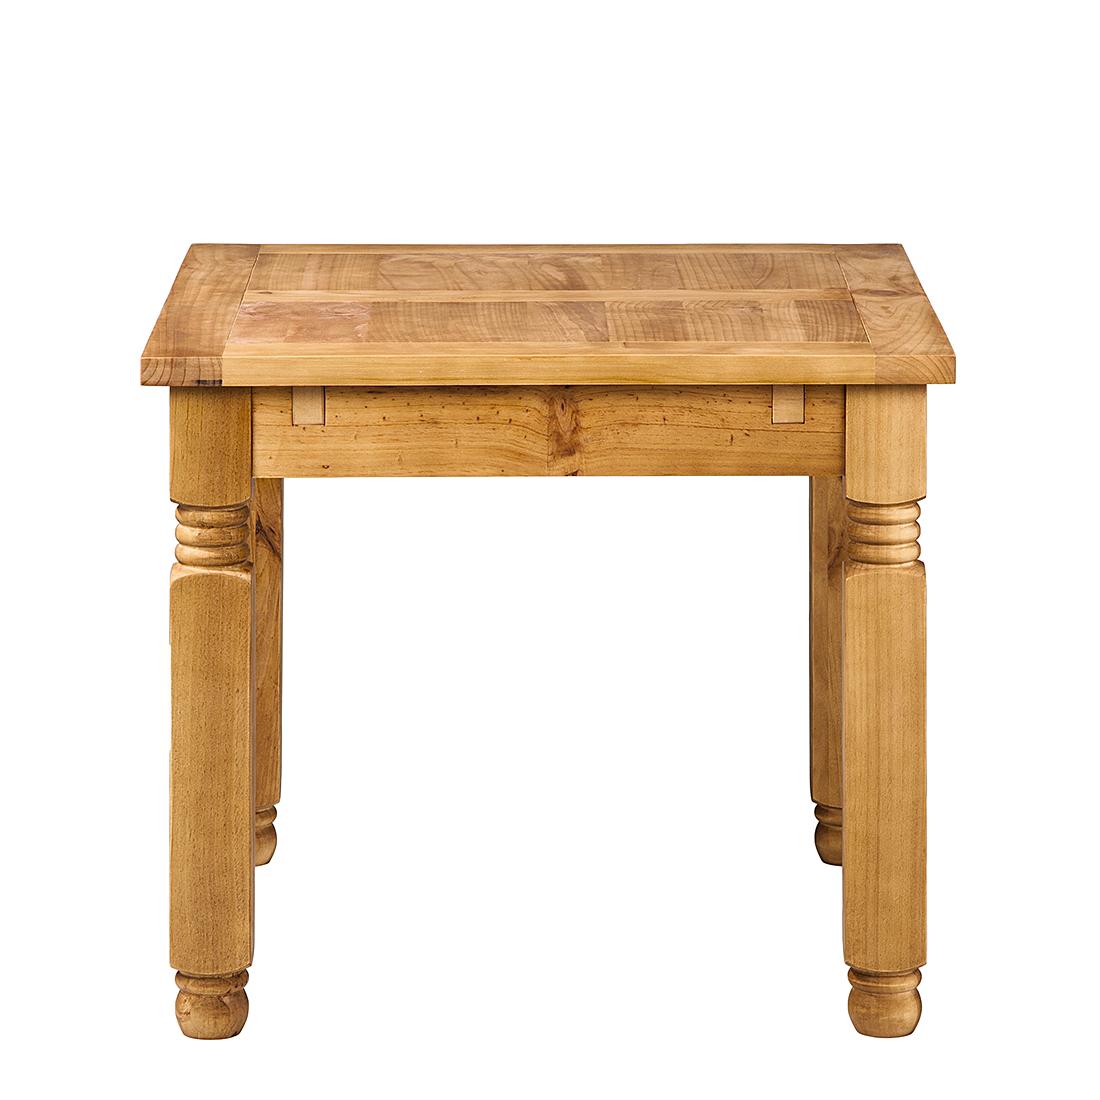 esstisch massivholz pinie esstisch pinie massivholz tisch wei weiss honig esstisch landhaus. Black Bedroom Furniture Sets. Home Design Ideas